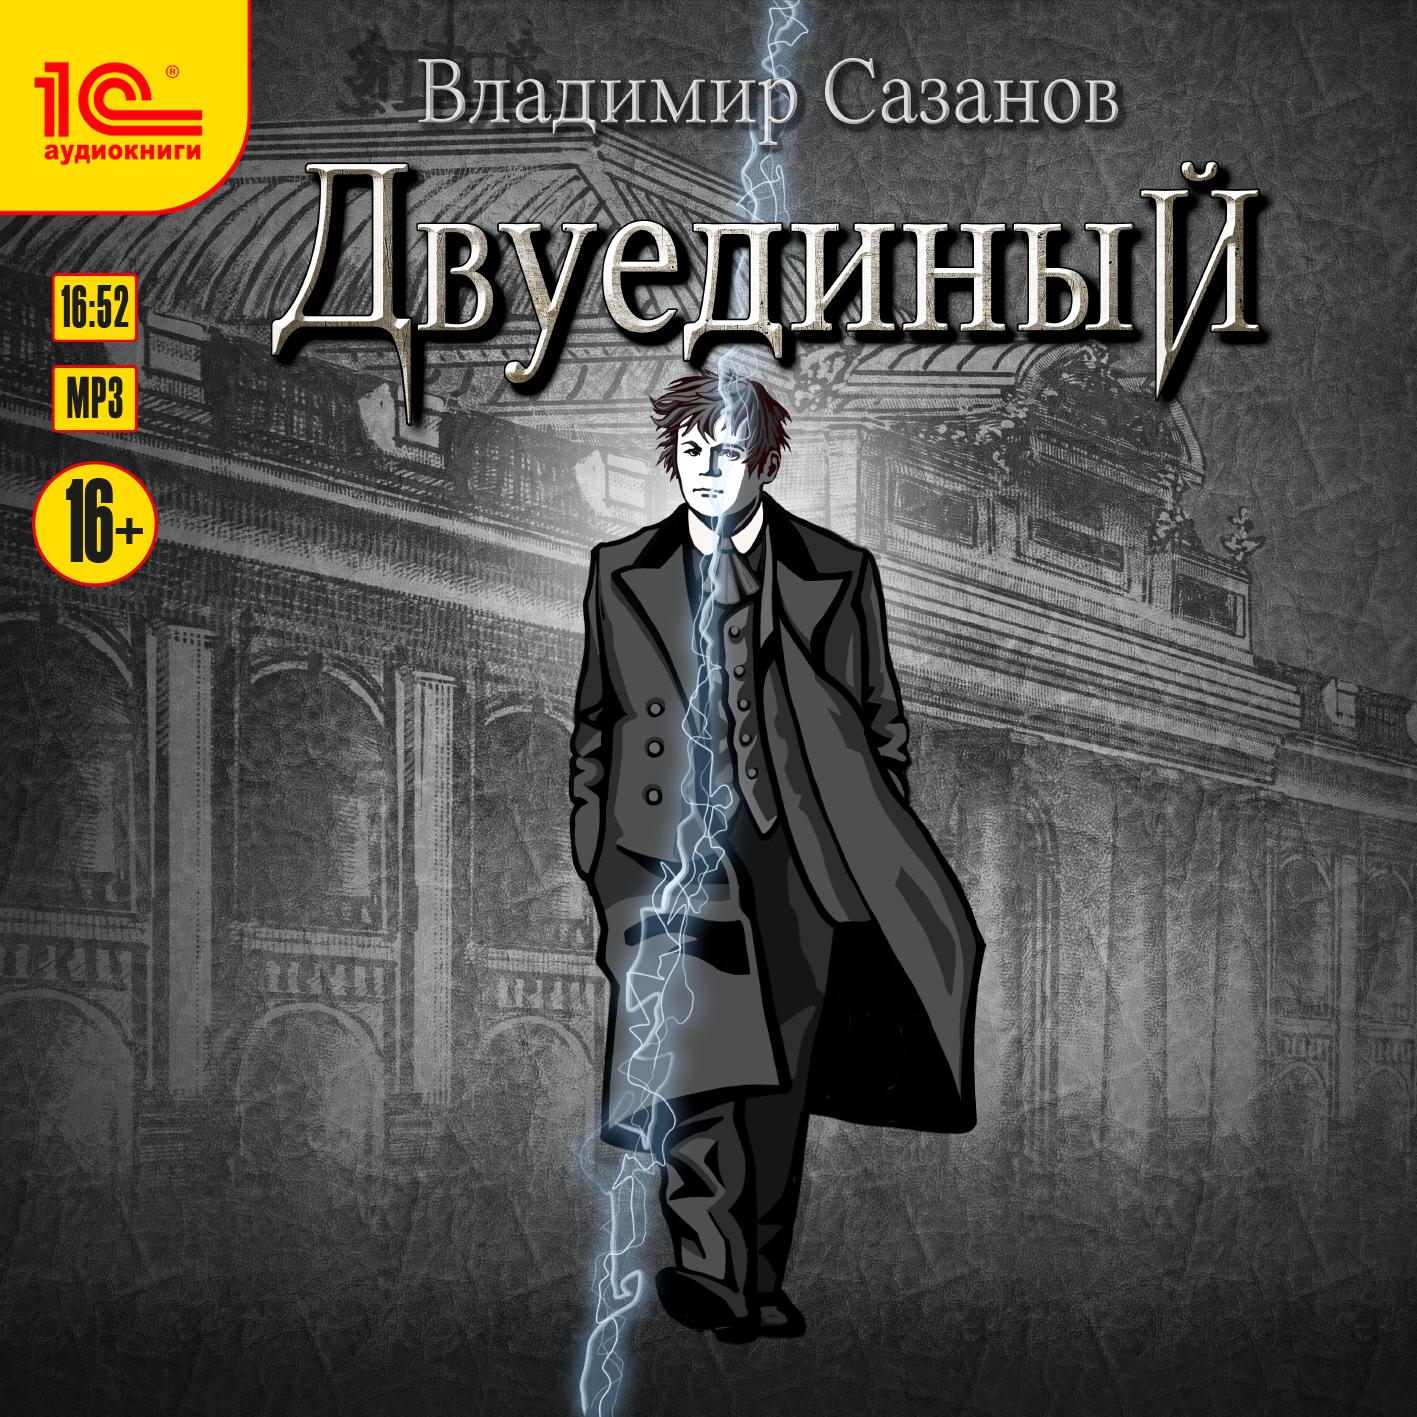 Владимир Сазанов Двуединый (цифровая версия) (Цифровая версия)